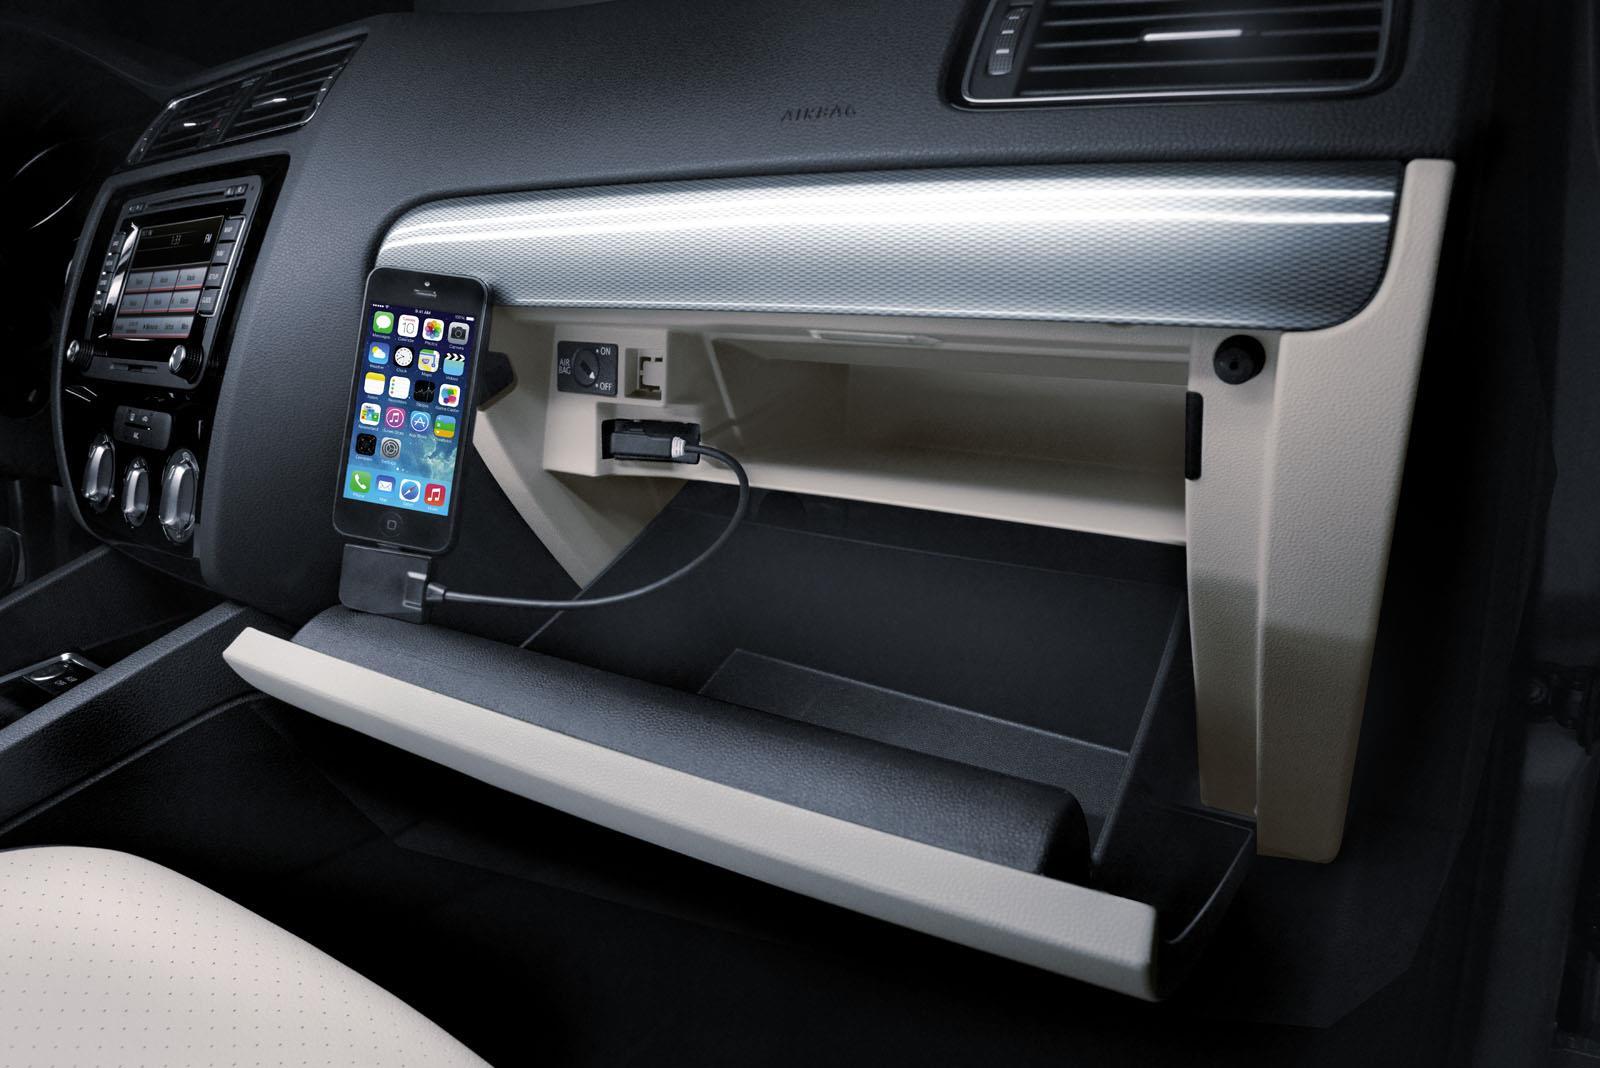 Volkswagen Nuevo Jetta 2015 a prueba - Autocosmos.com